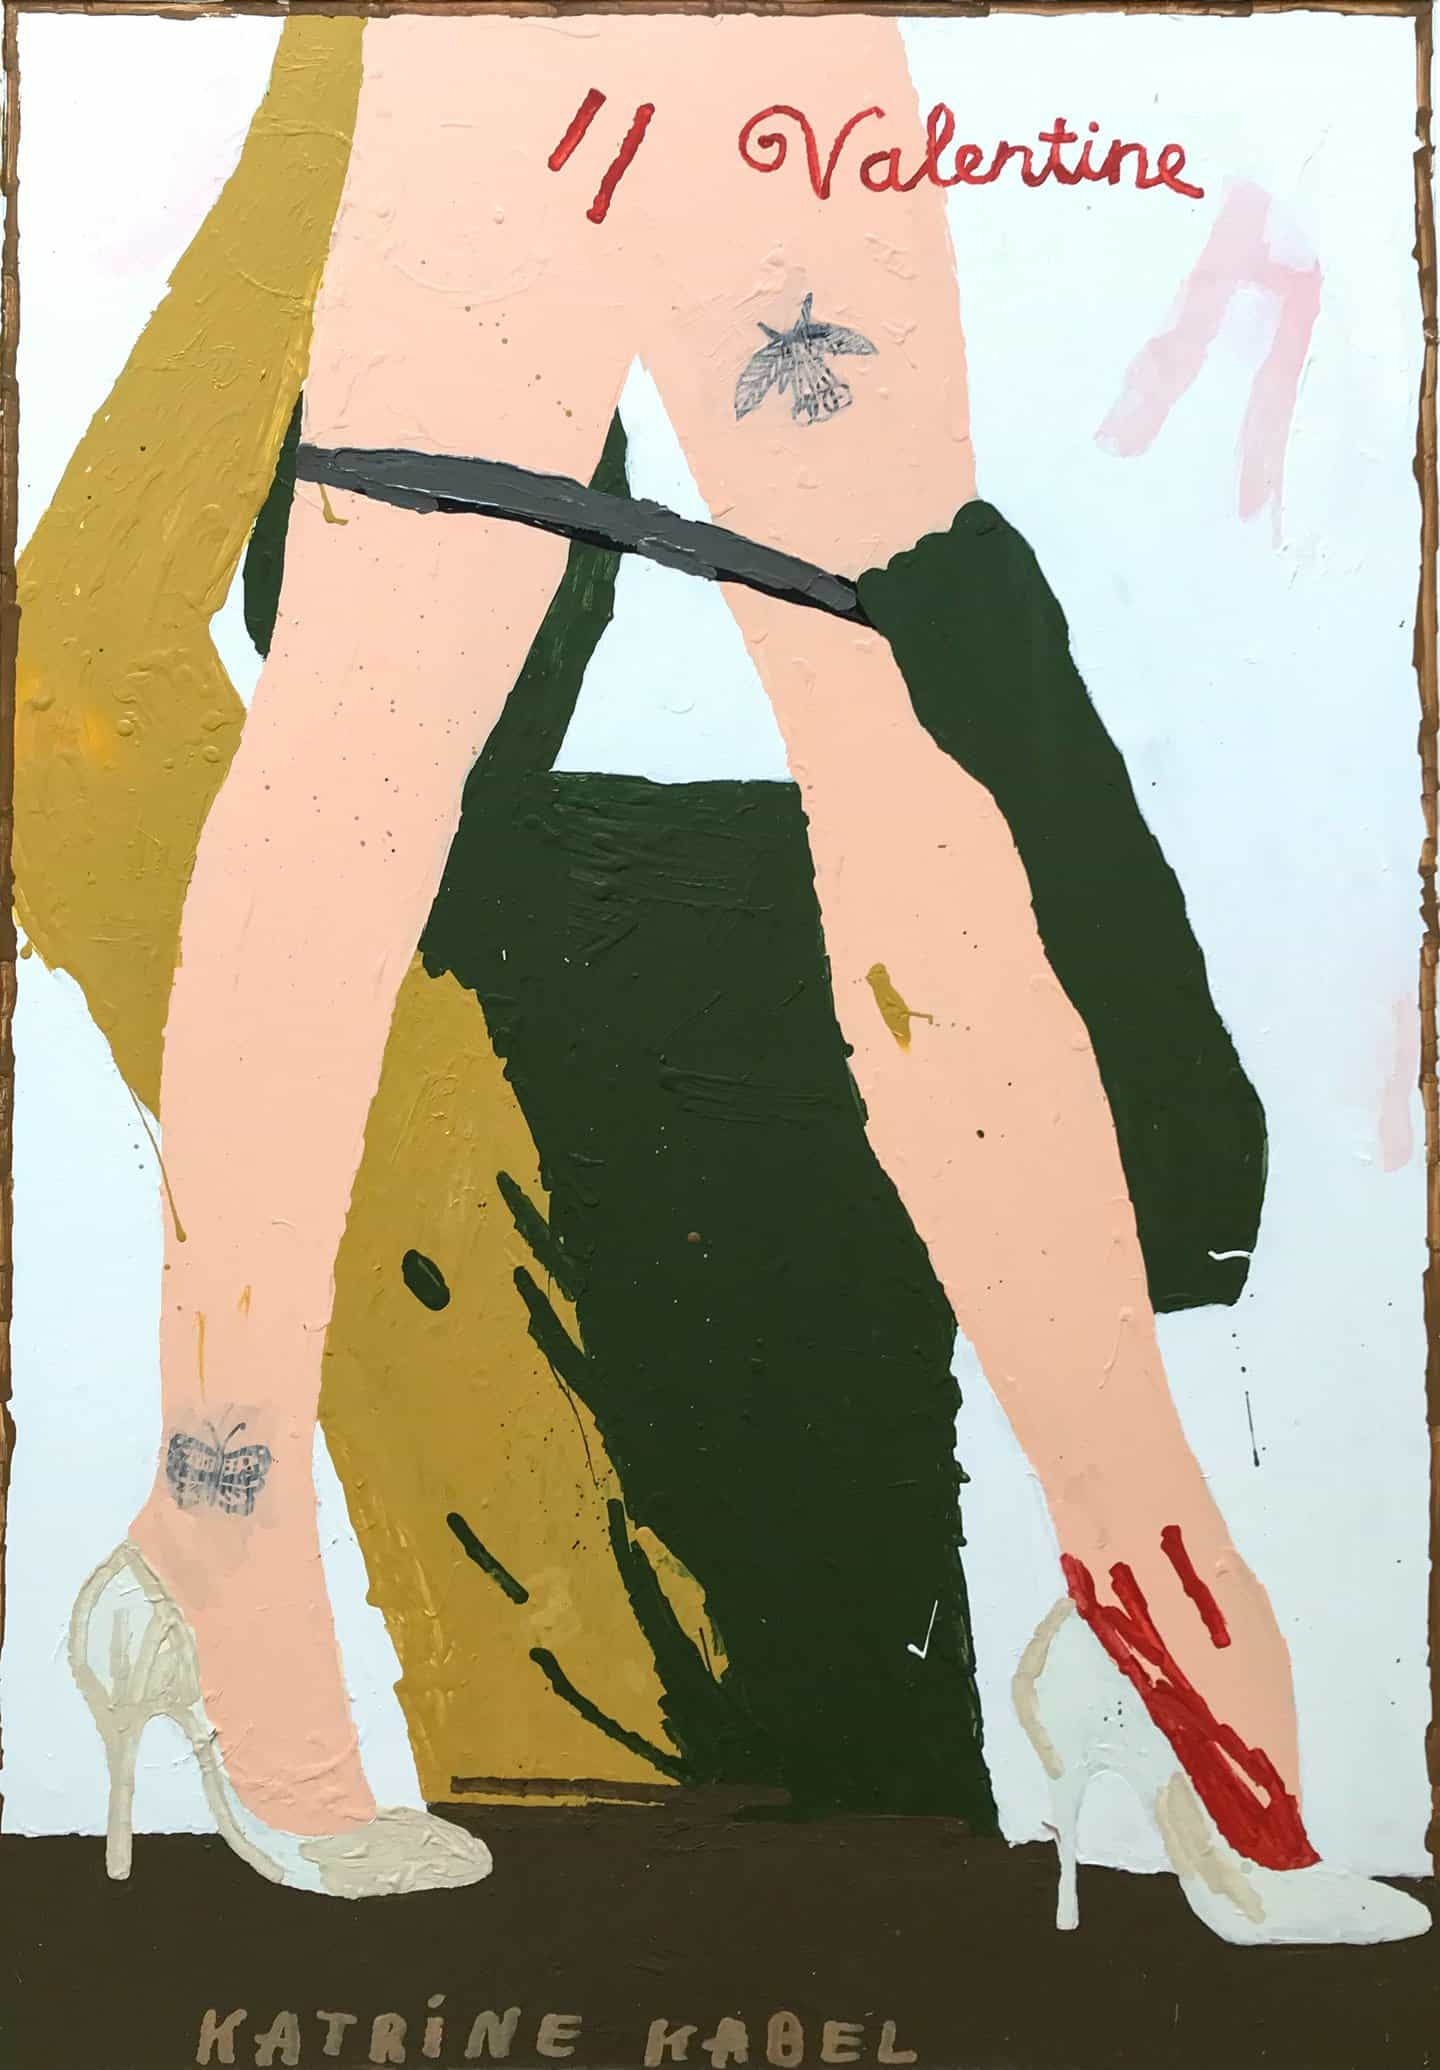 """""""Estoy feliz de que lo tengo"""": Katrine Kabel explora su reciente diagnóstico de síndrome de Asperger en sus hermosas pinturas"""